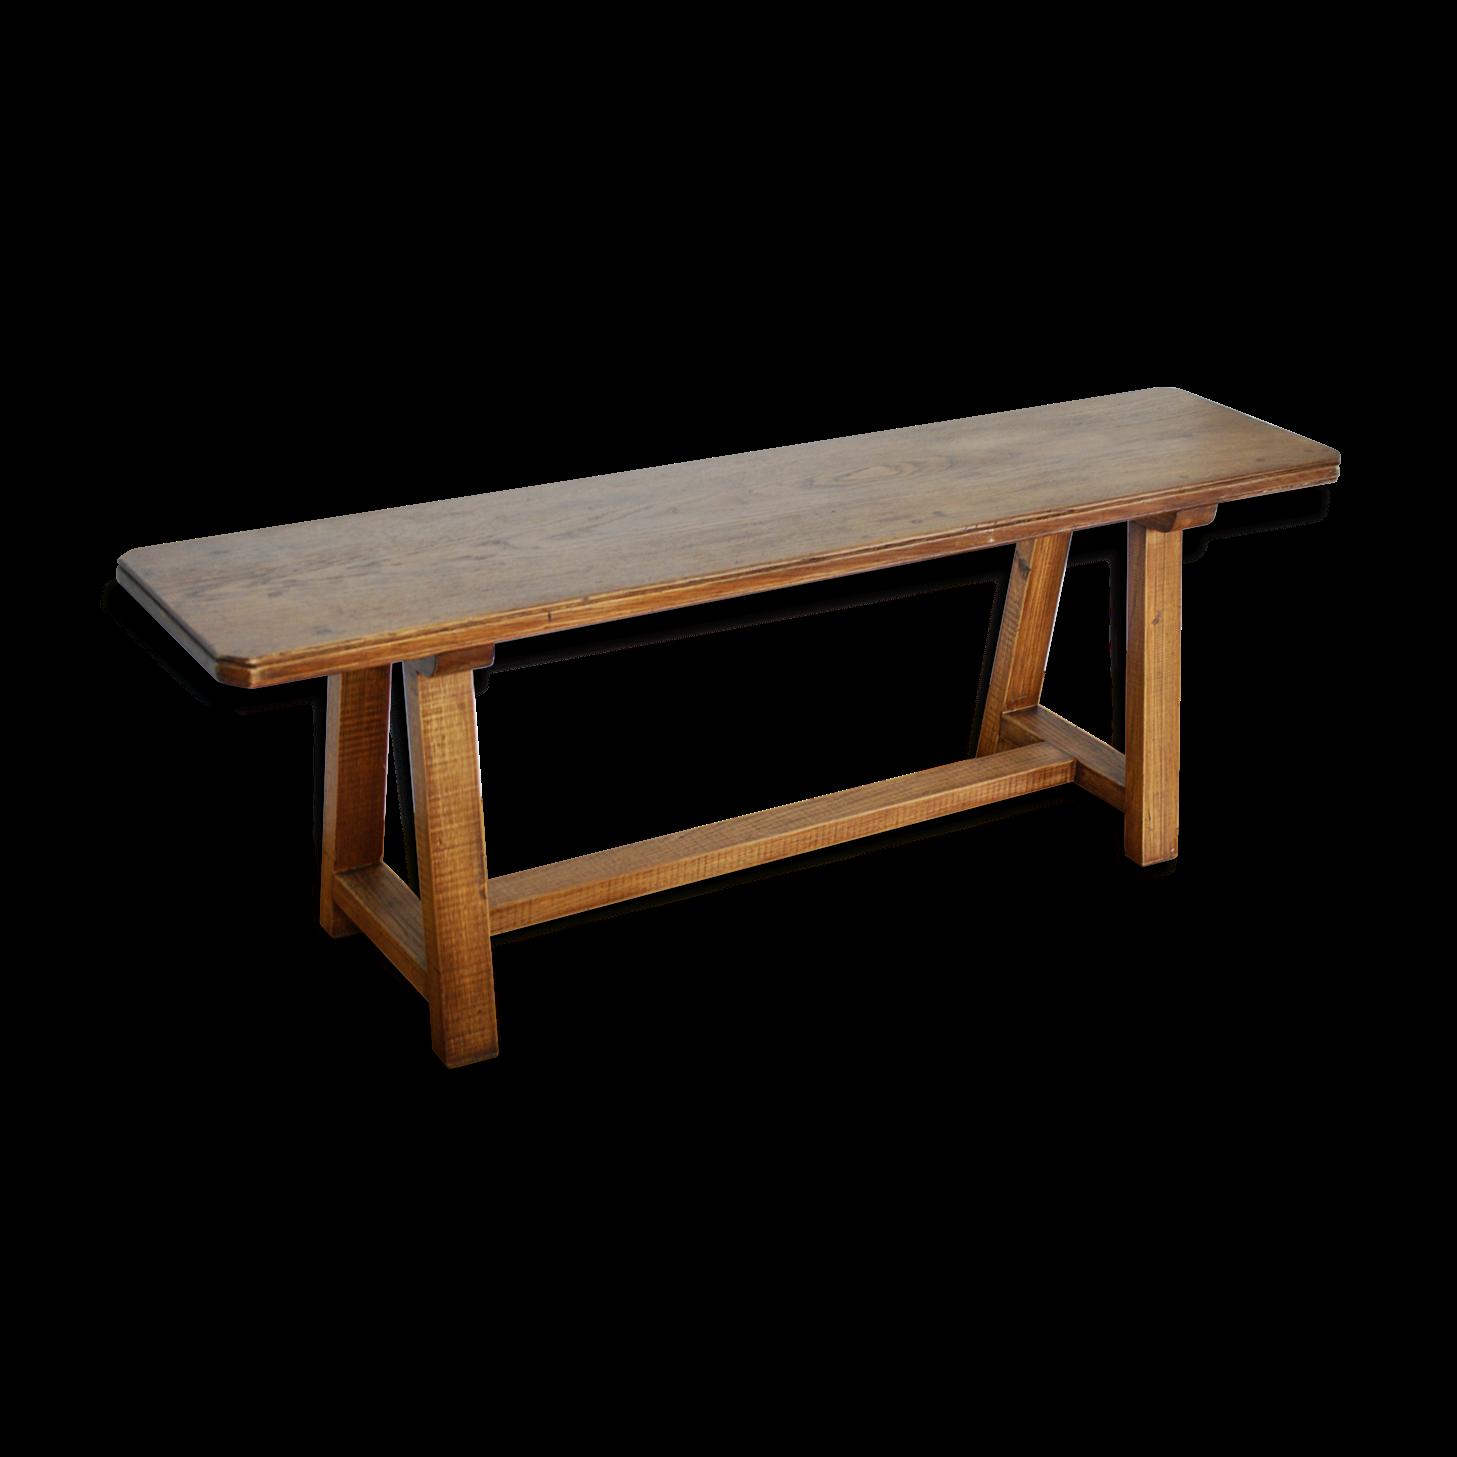 banc vieux bois banc style glise fabriqu a partir de vieux bois centenaire et solidifi avec de. Black Bedroom Furniture Sets. Home Design Ideas